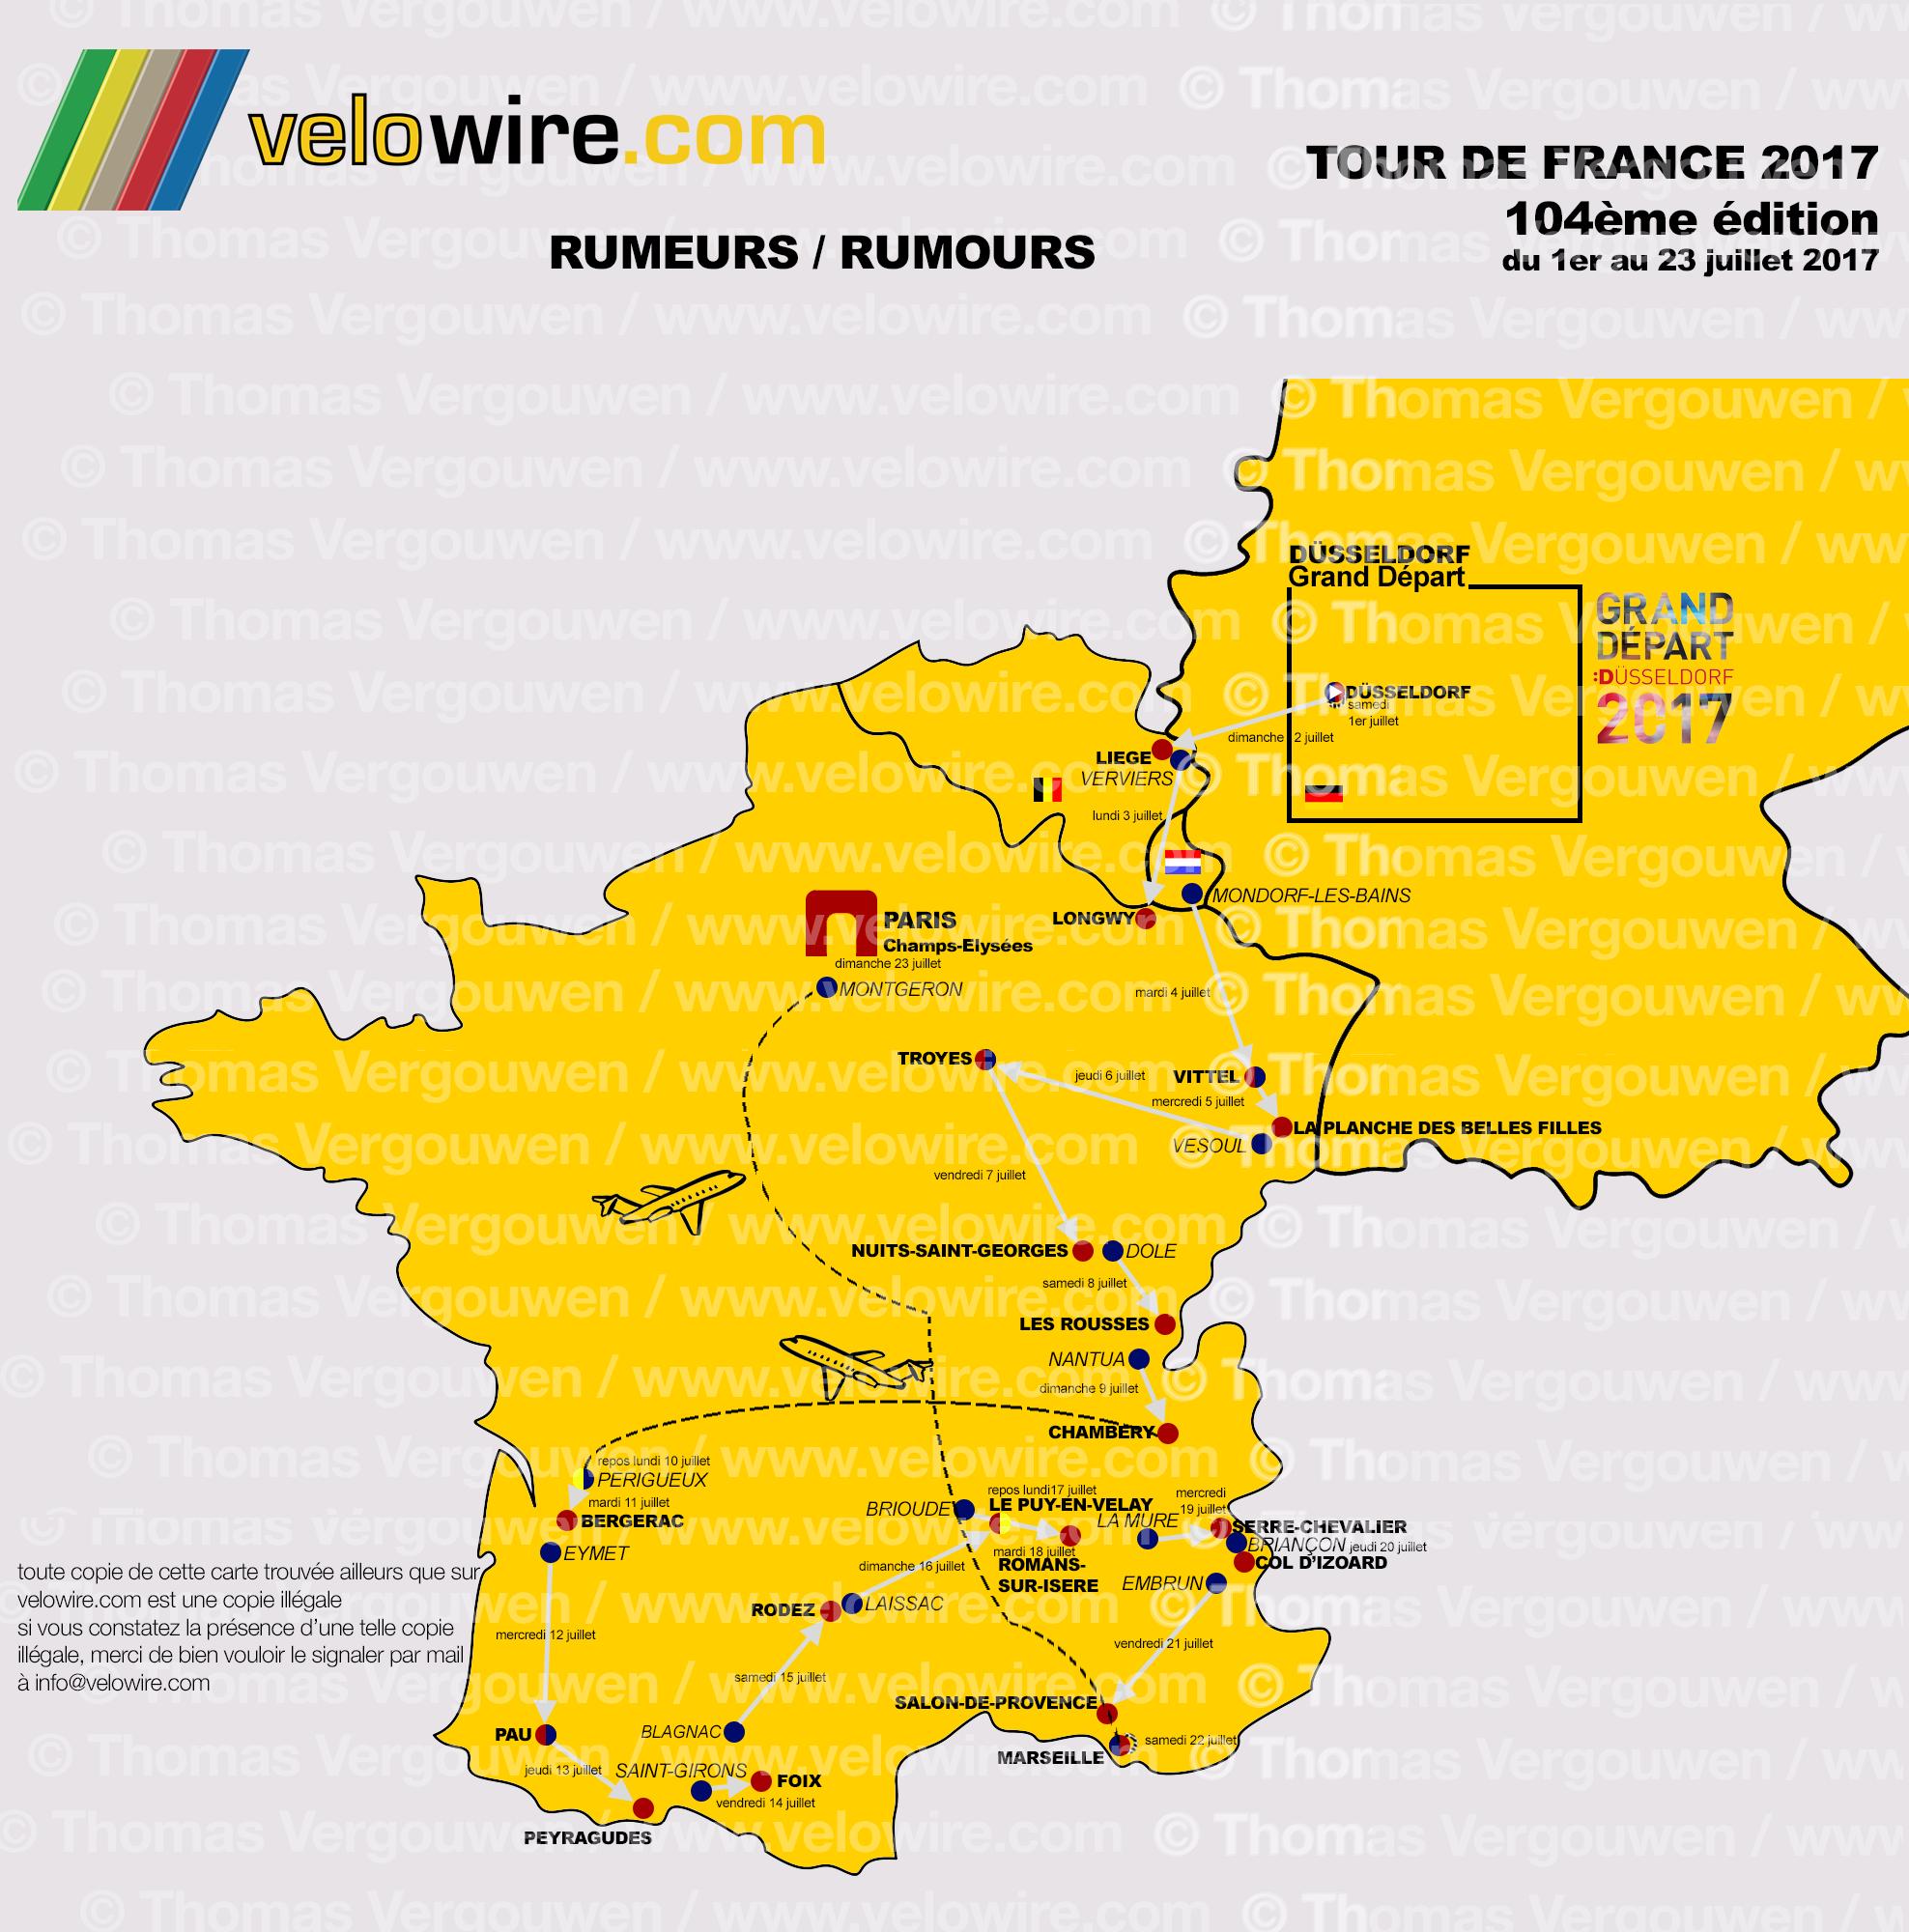 Tour De France 2017 Les Rumeurs Sur Le Parcours Et Les